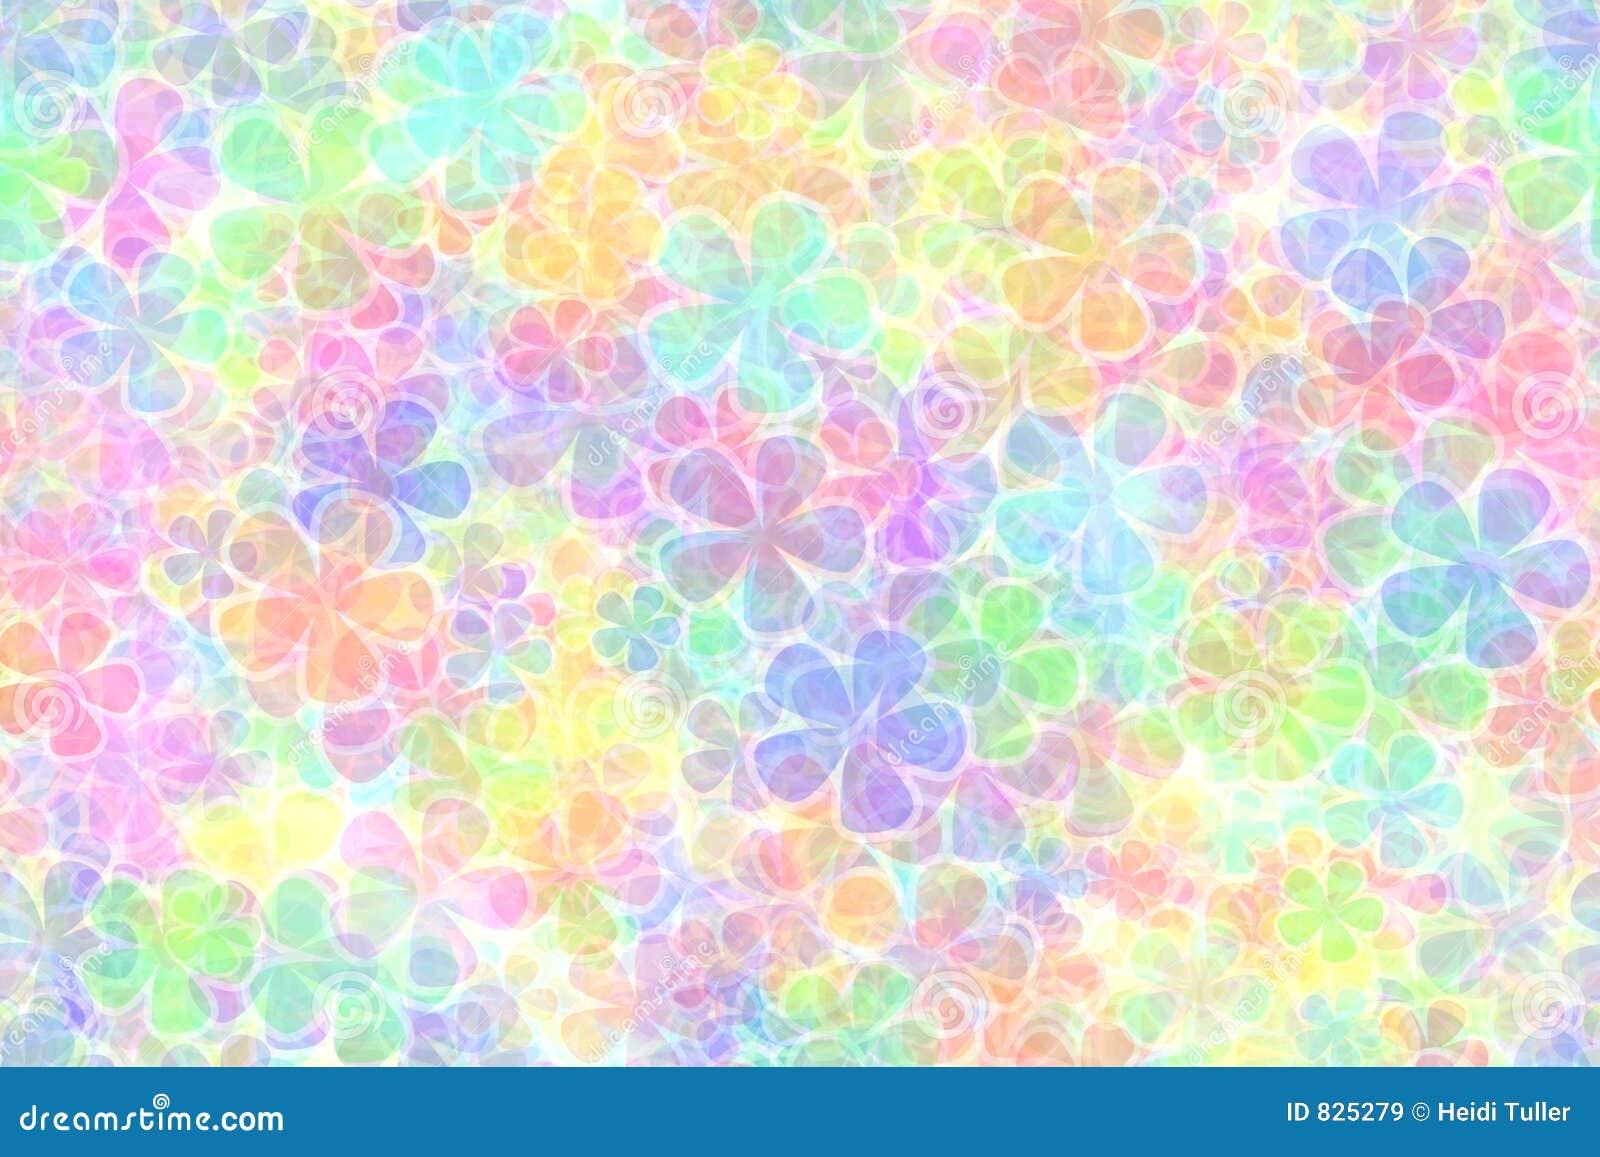 Fondo Coloreado En Colores Pastel Stock De Ilustración